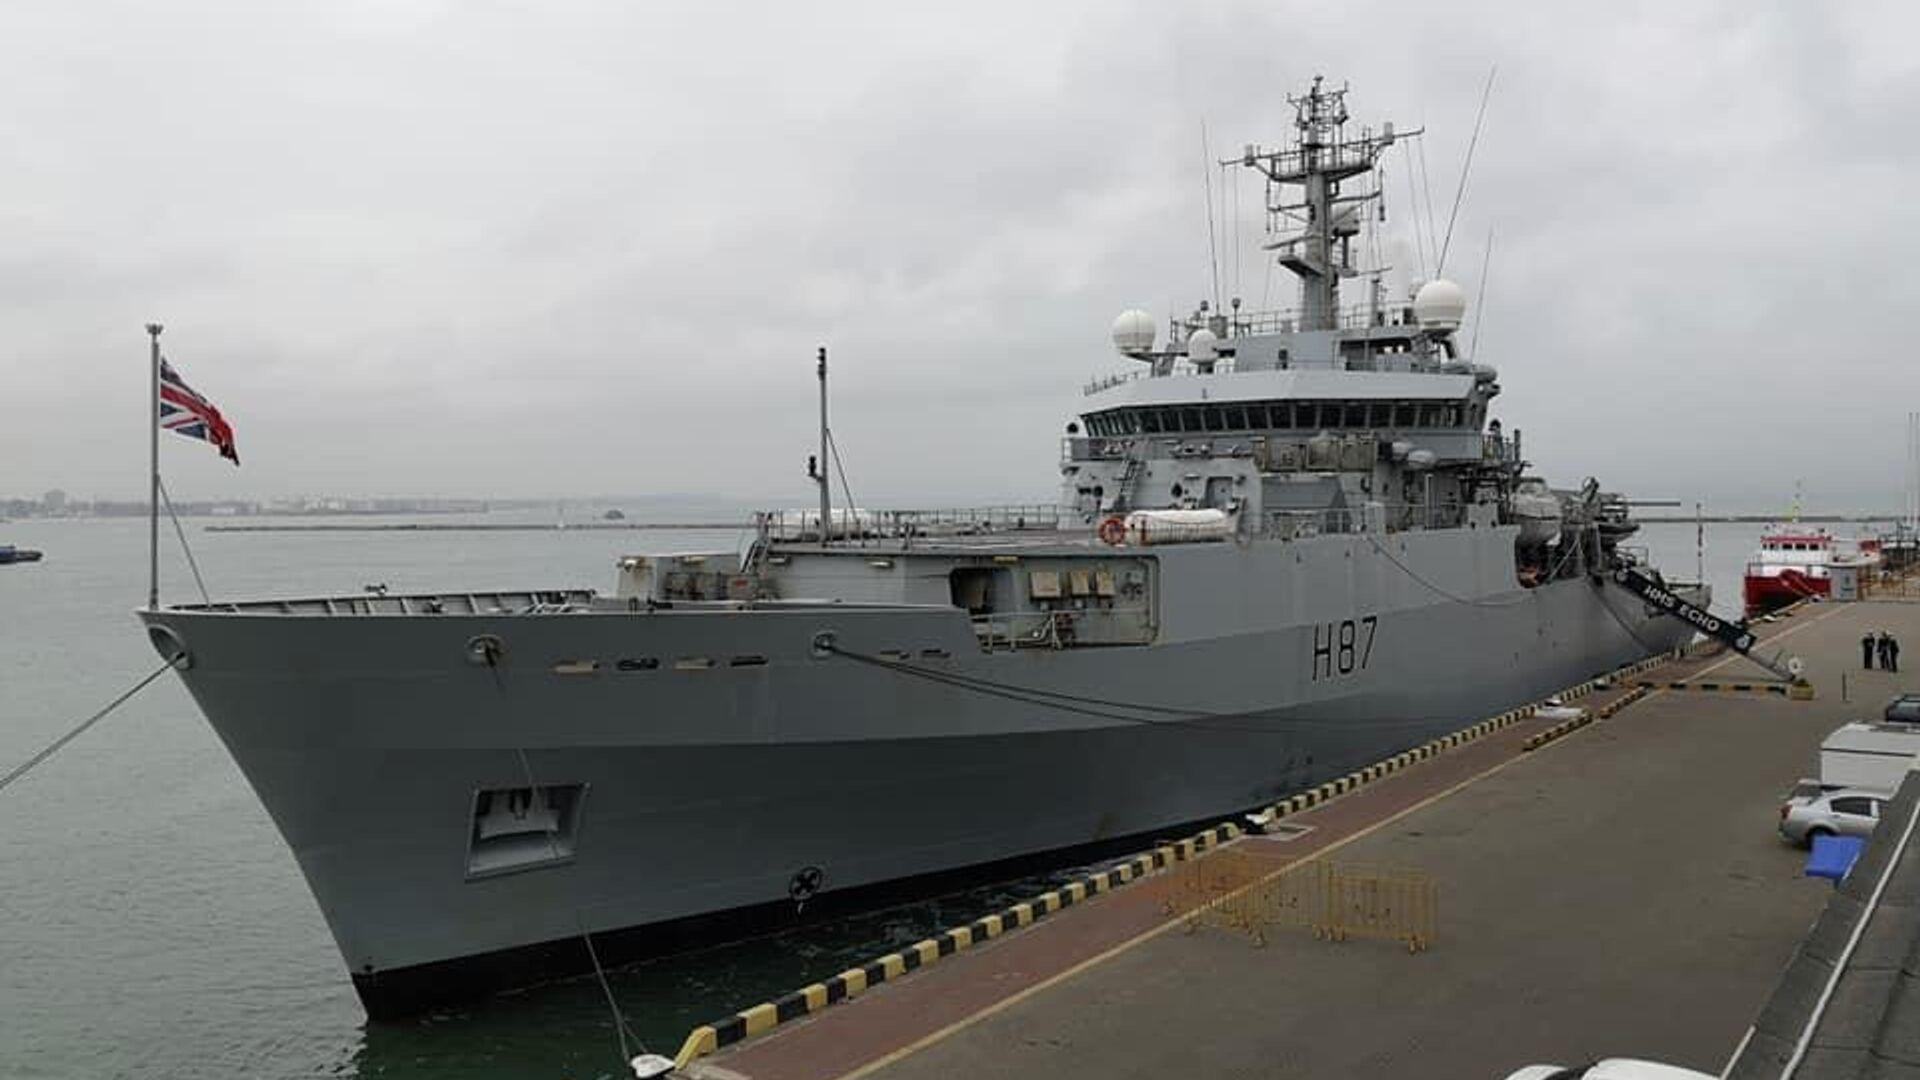 Гидрографический корабль ВМС Великобритании ЕCHO (Эхо) в порту Одессы - РИА Новости, 1920, 12.03.2021